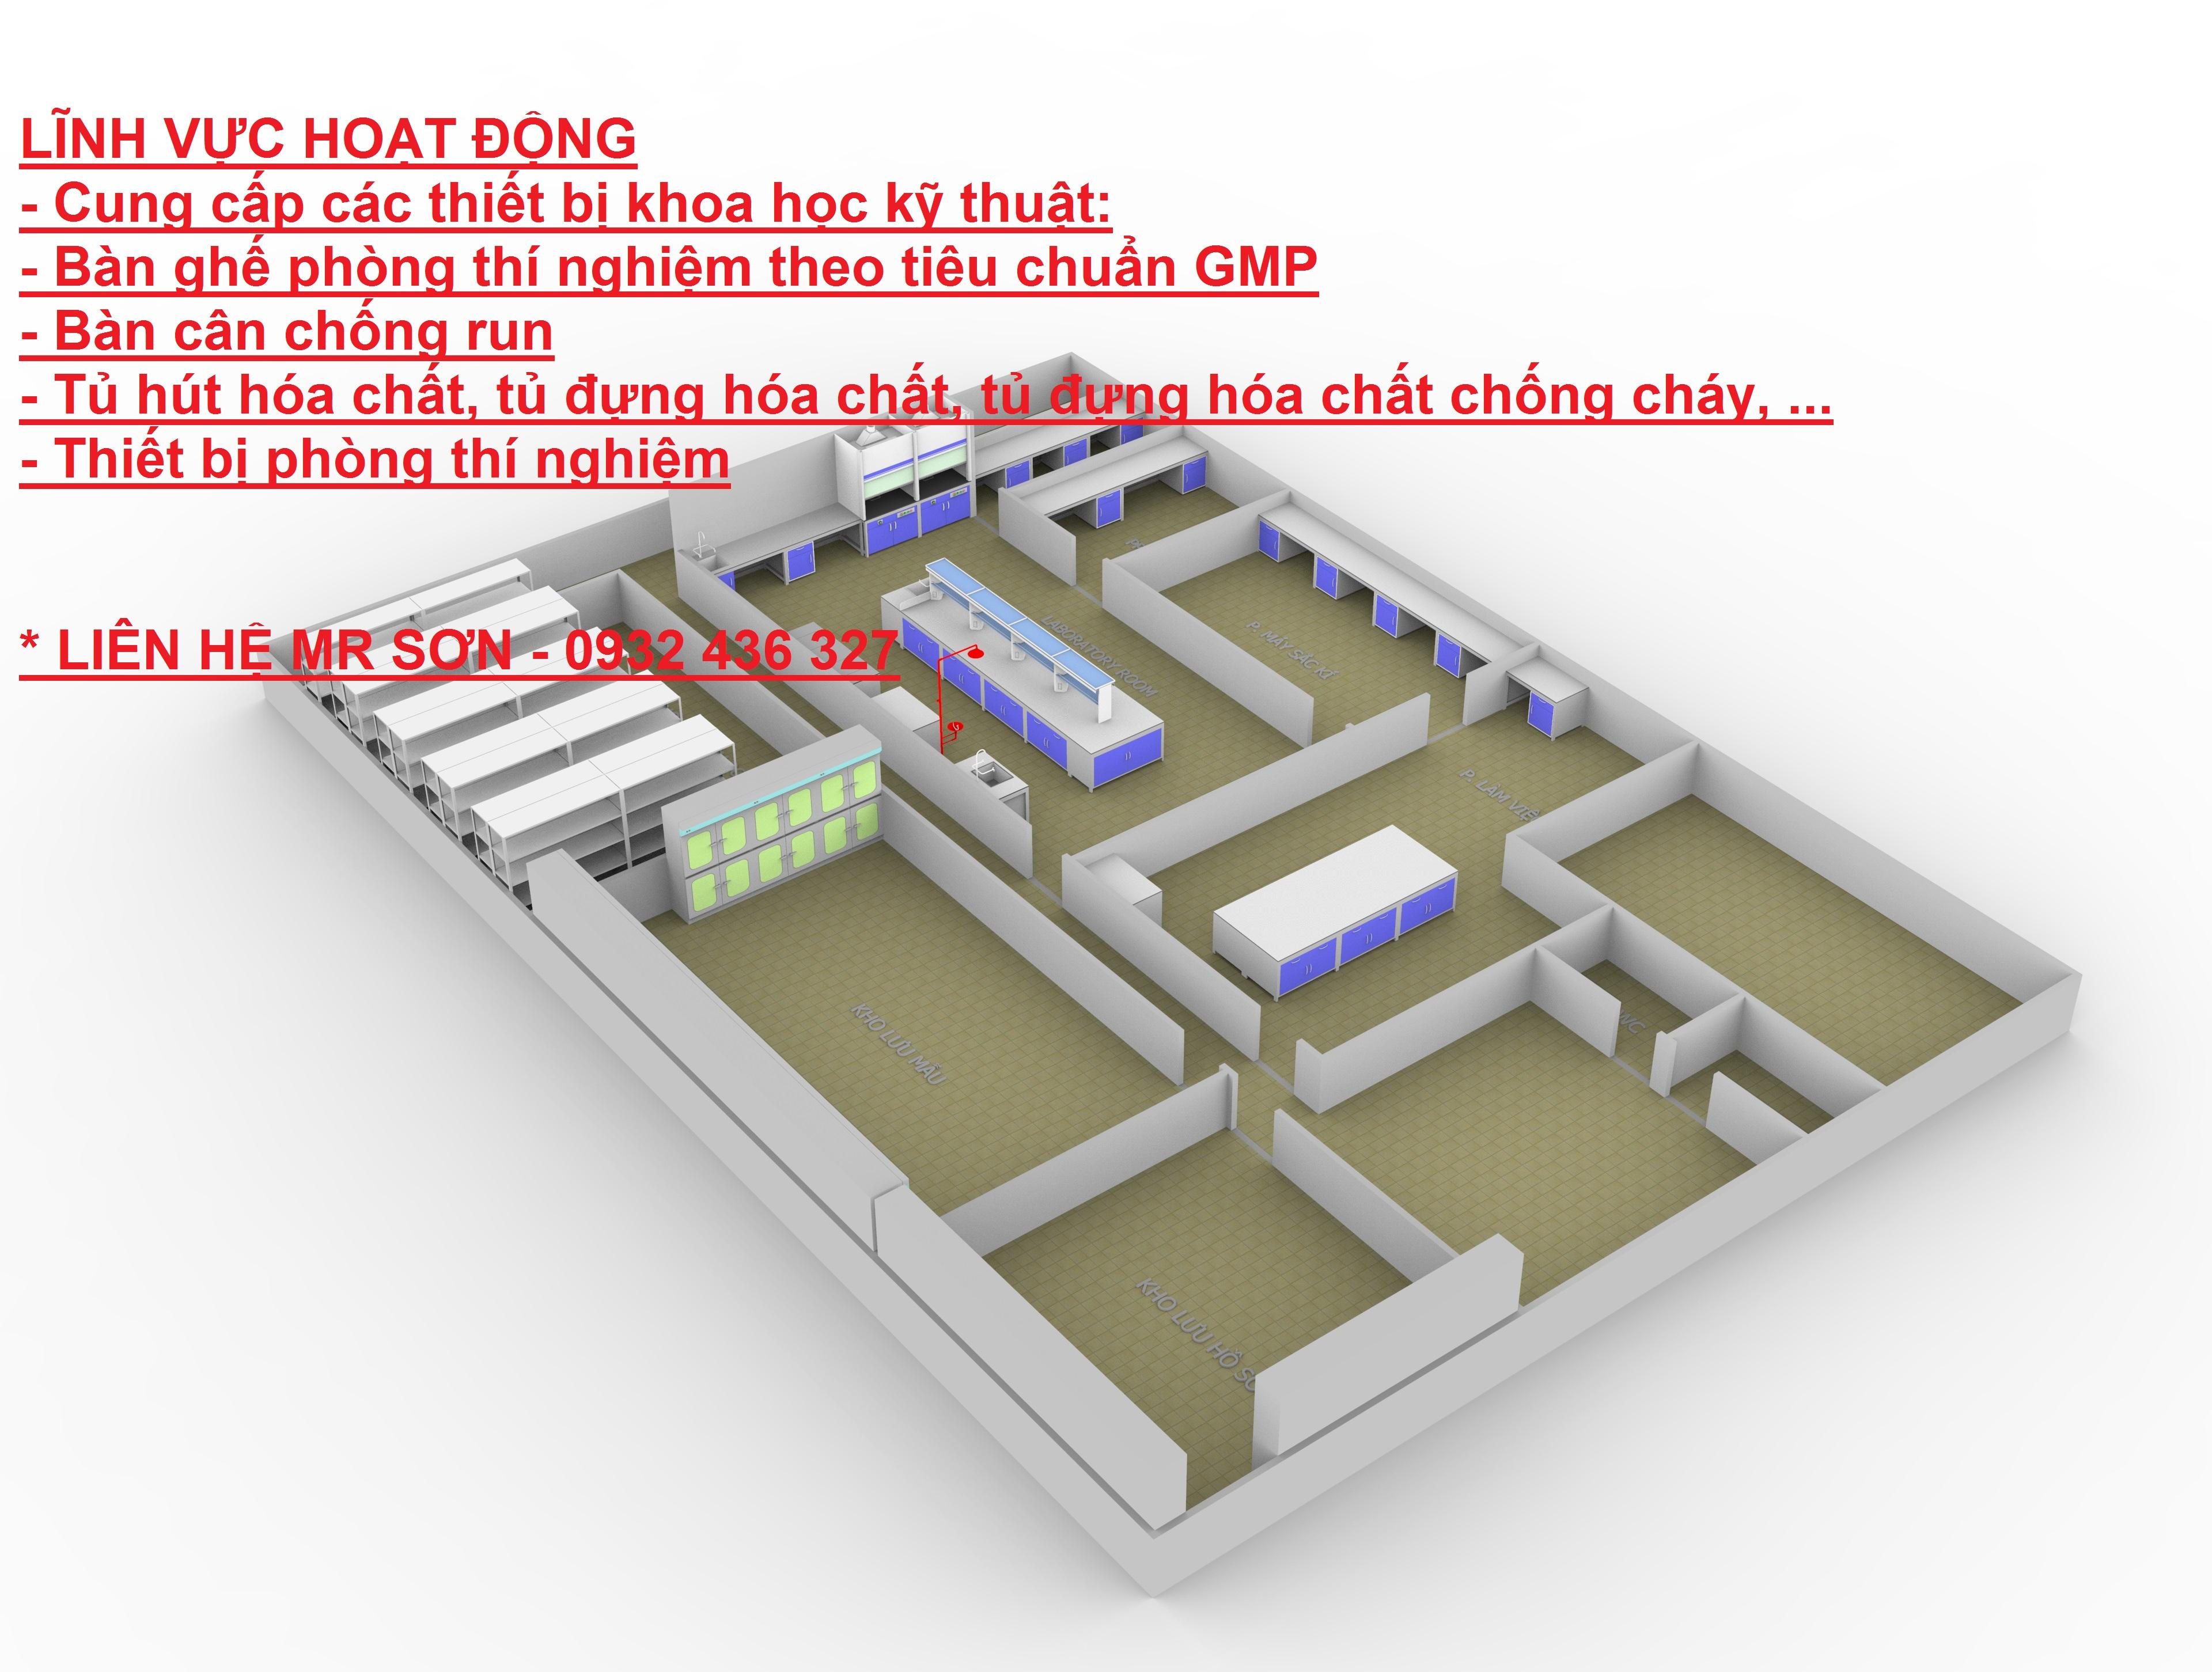 Thiết kế cung cấp nội thất phòng thí nghiệm MIỄN PHÍ duy nhất tại Việt Nam